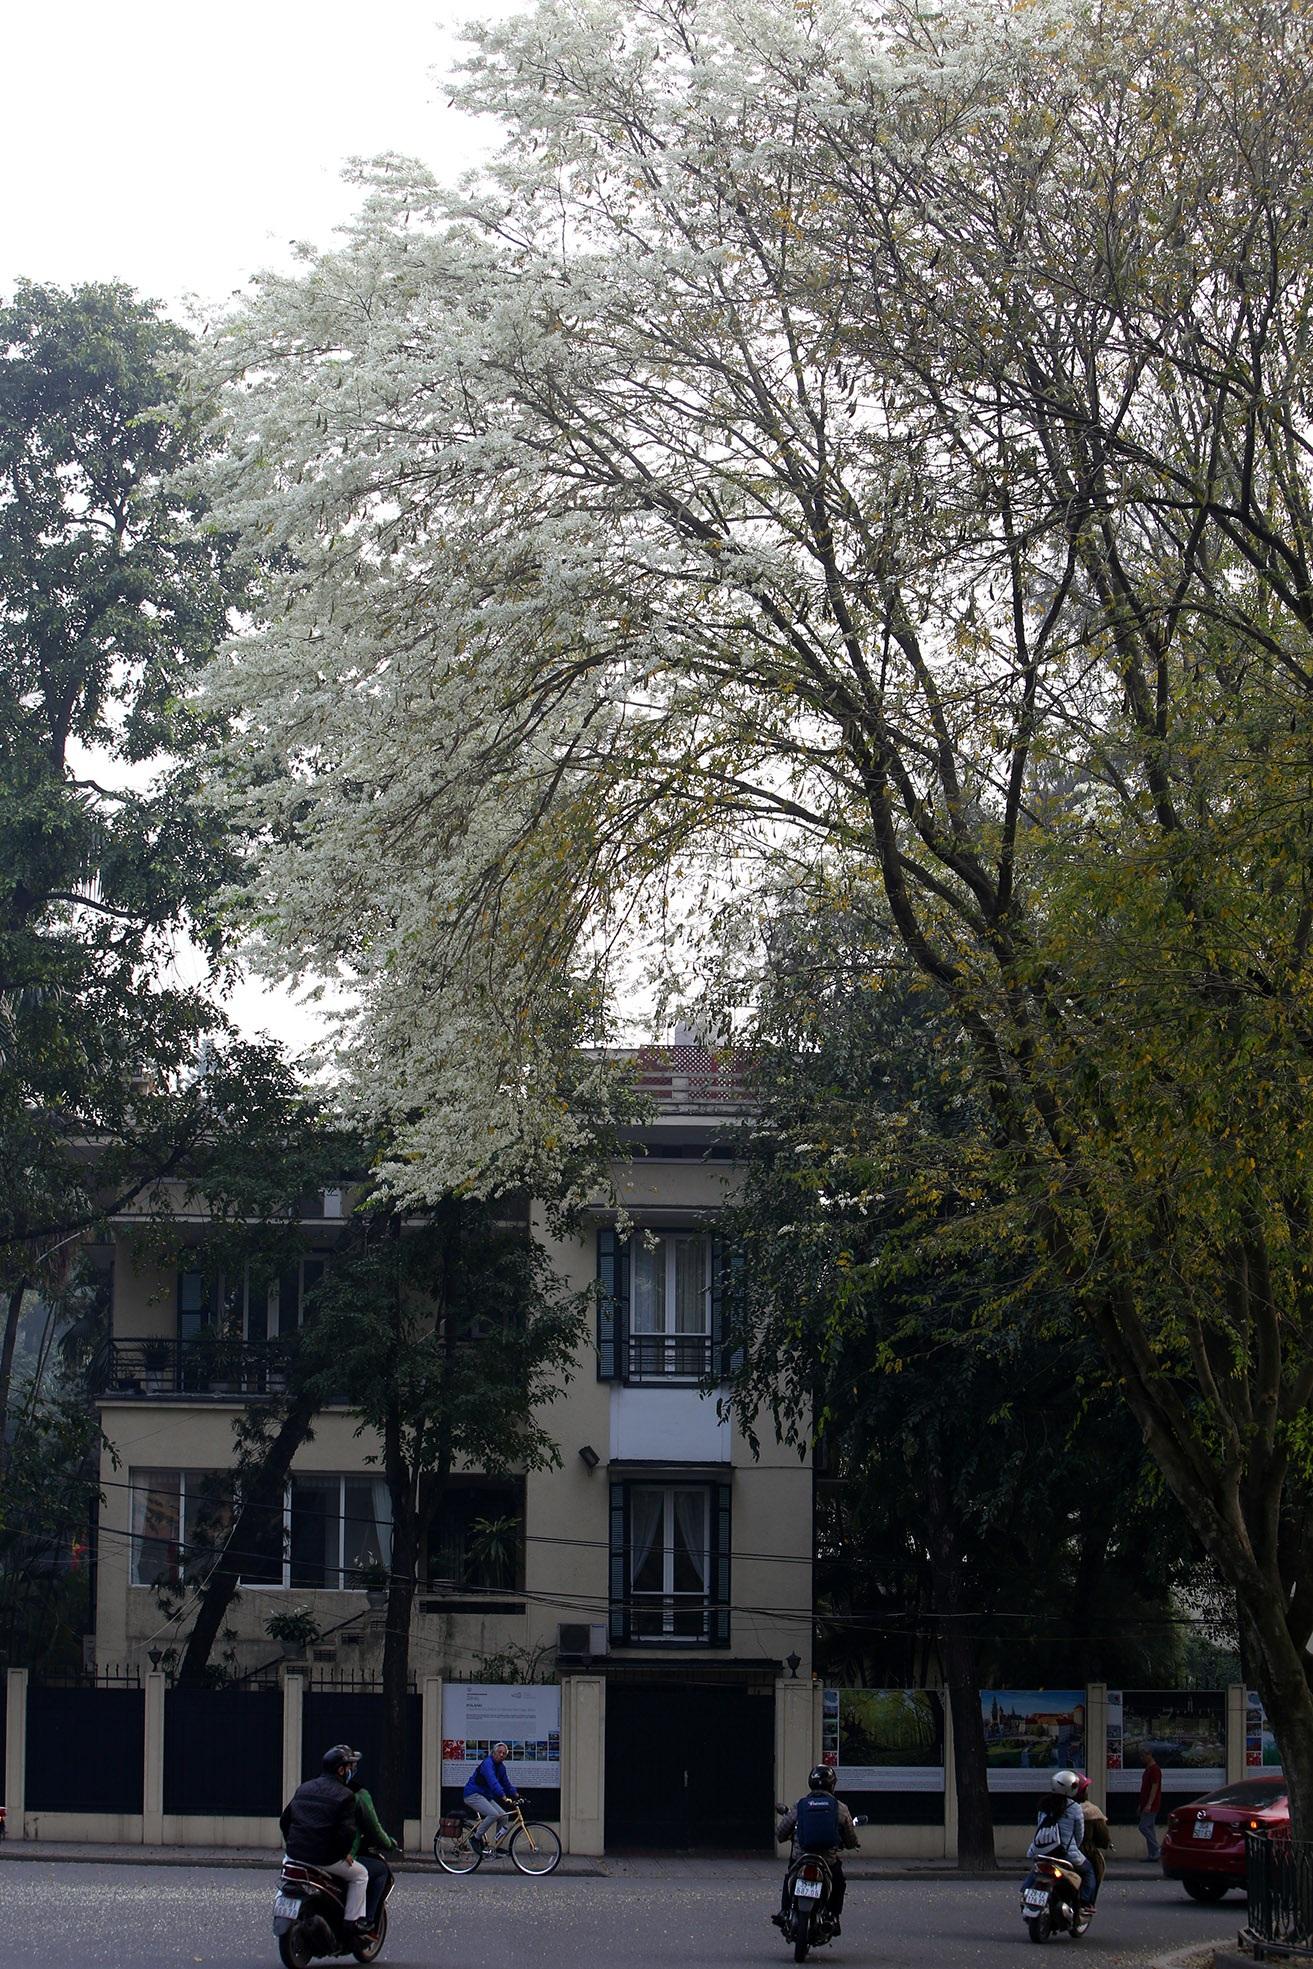 Ngắm hoa sưa nở trắng trời Hà Nội - 7